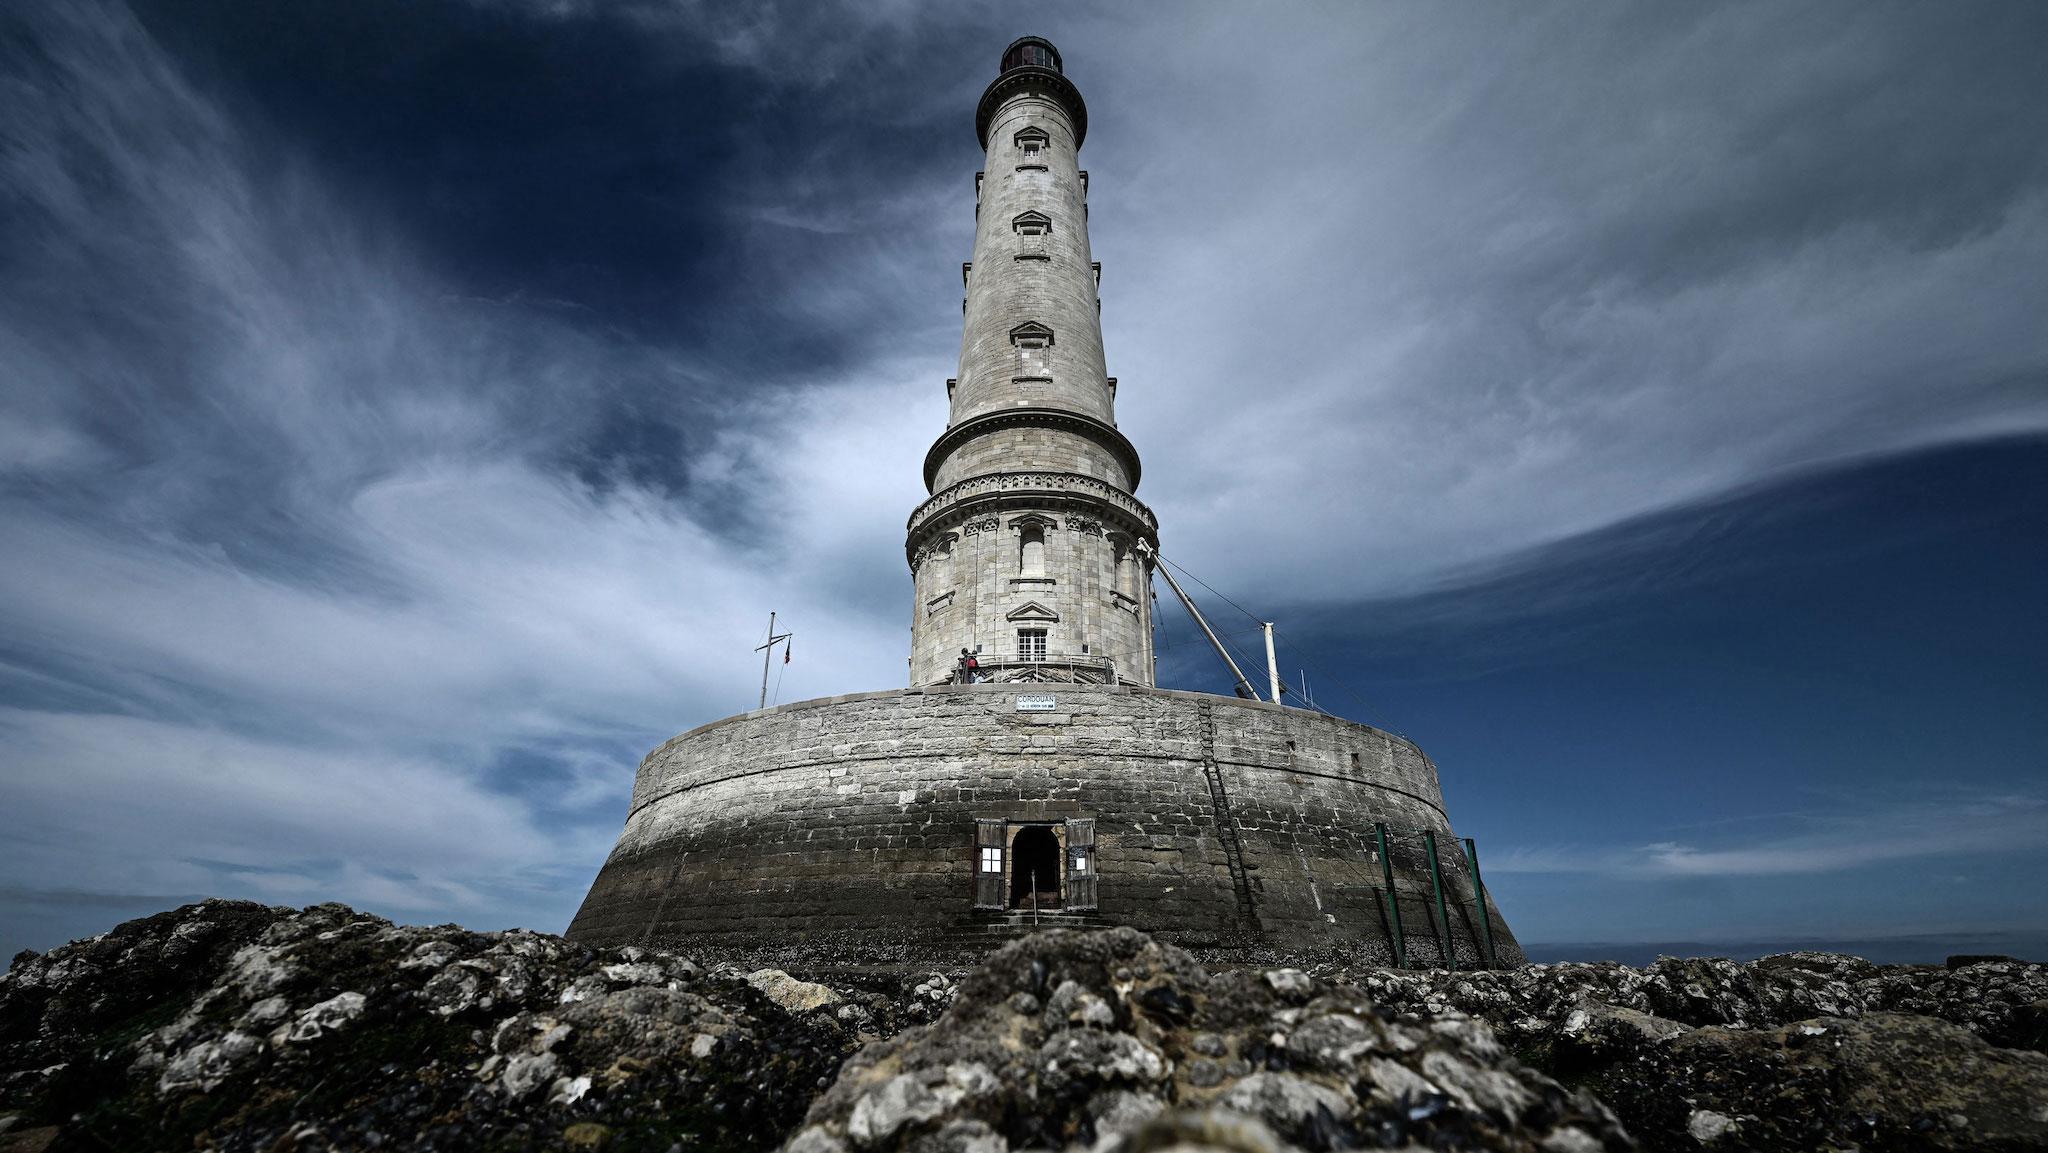 Ngọn hải đăng Cordouan, ngoài khơi Le Verdon-sur-Mer, Pháp, đã được thêm vào Danh sách Di sản Thế giới của UNESCO vào năm 2021.